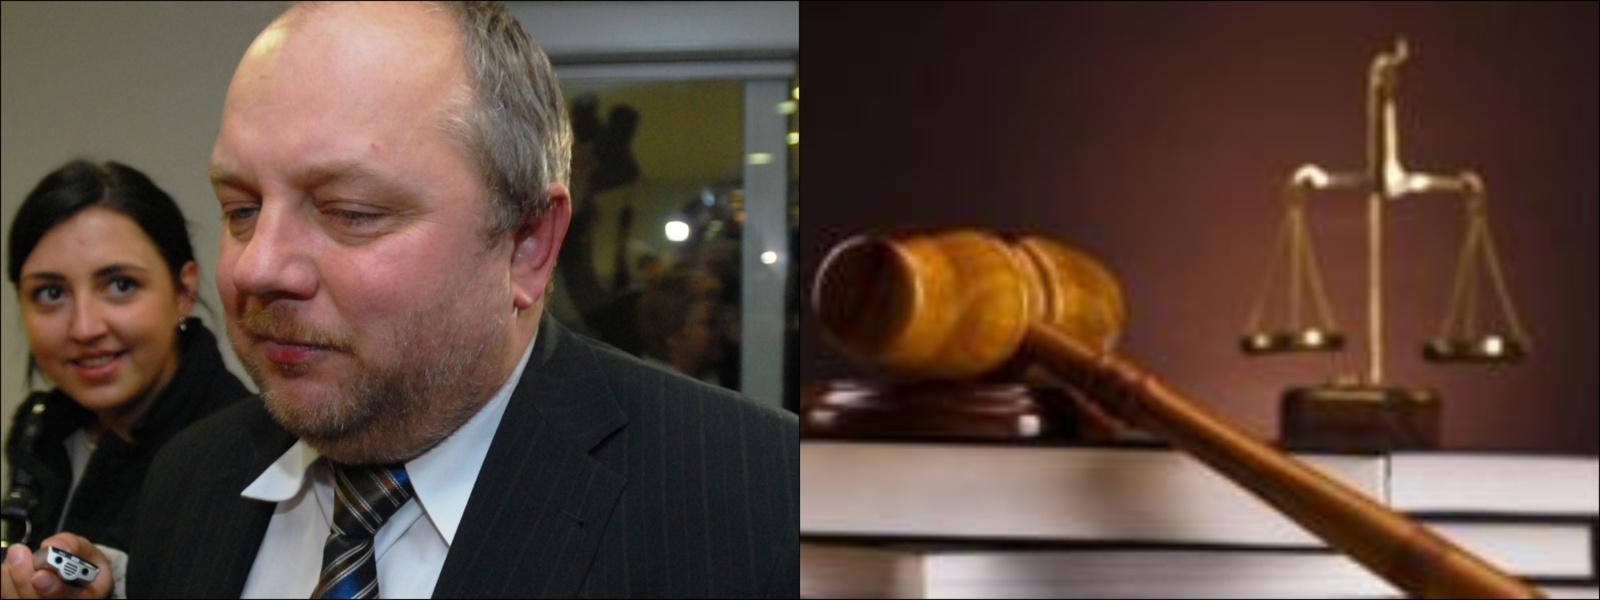 Teismas pagrįstai atsisakė atleisti G. Mikolaitį nuo baudžiamosios atsakomybės